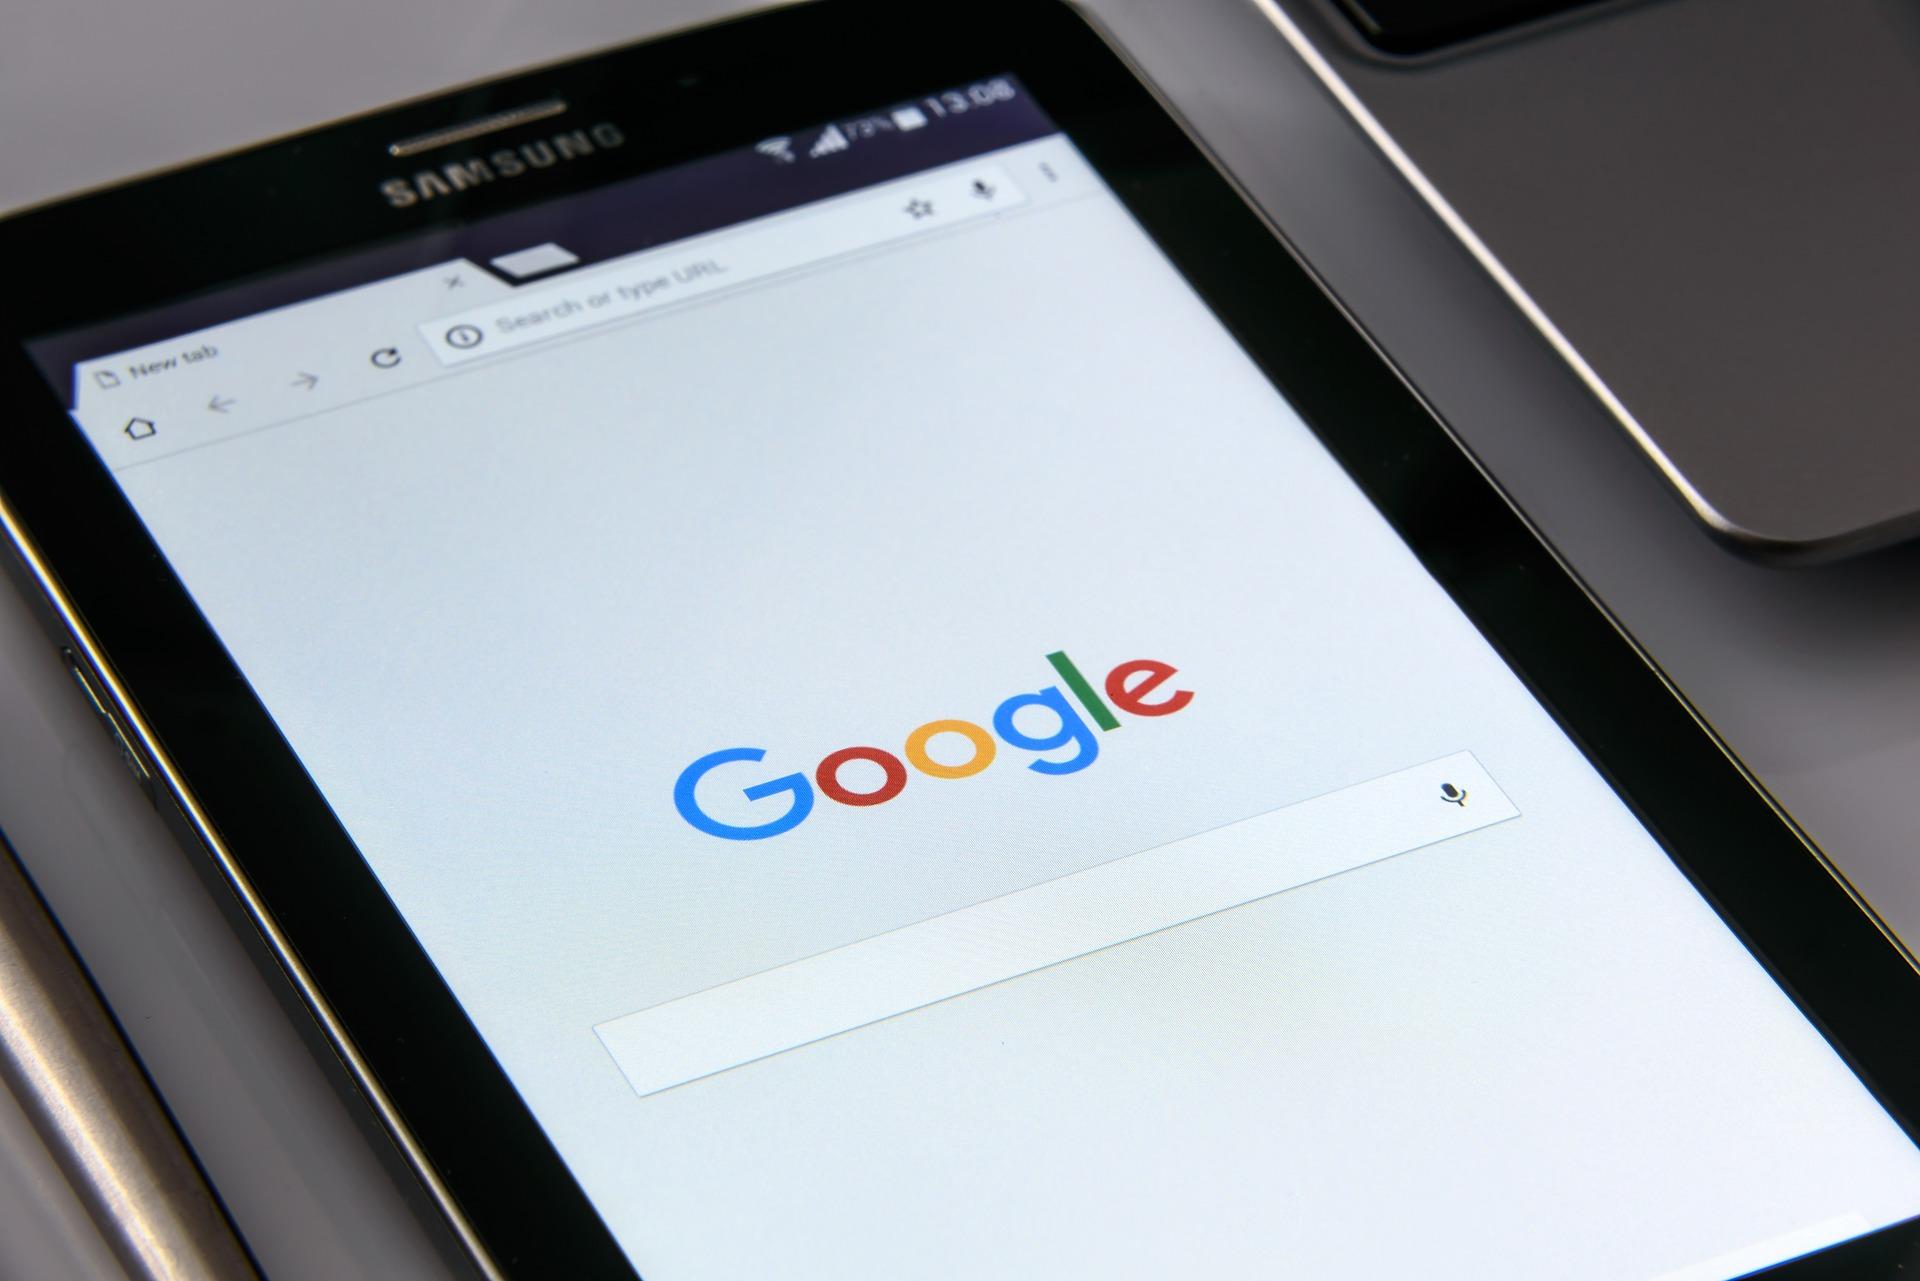 Las tendencias en Google muestran comportamientos curiosos durante la Navidad.